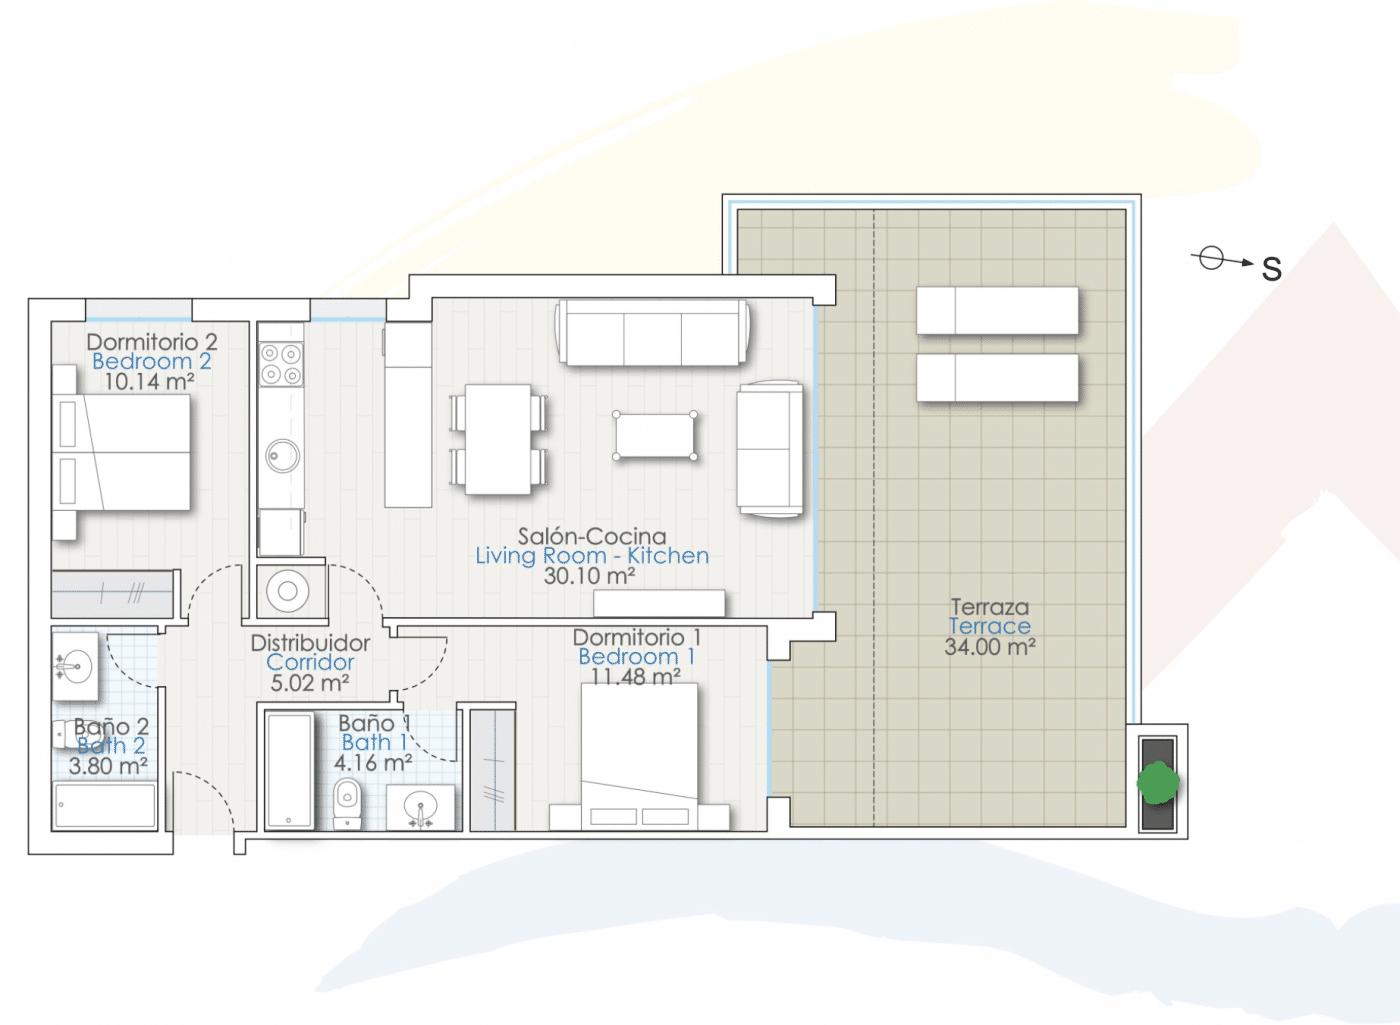 nowe-apartamenty-w-kompleksie-z-pieknymi-basenami-4-17917